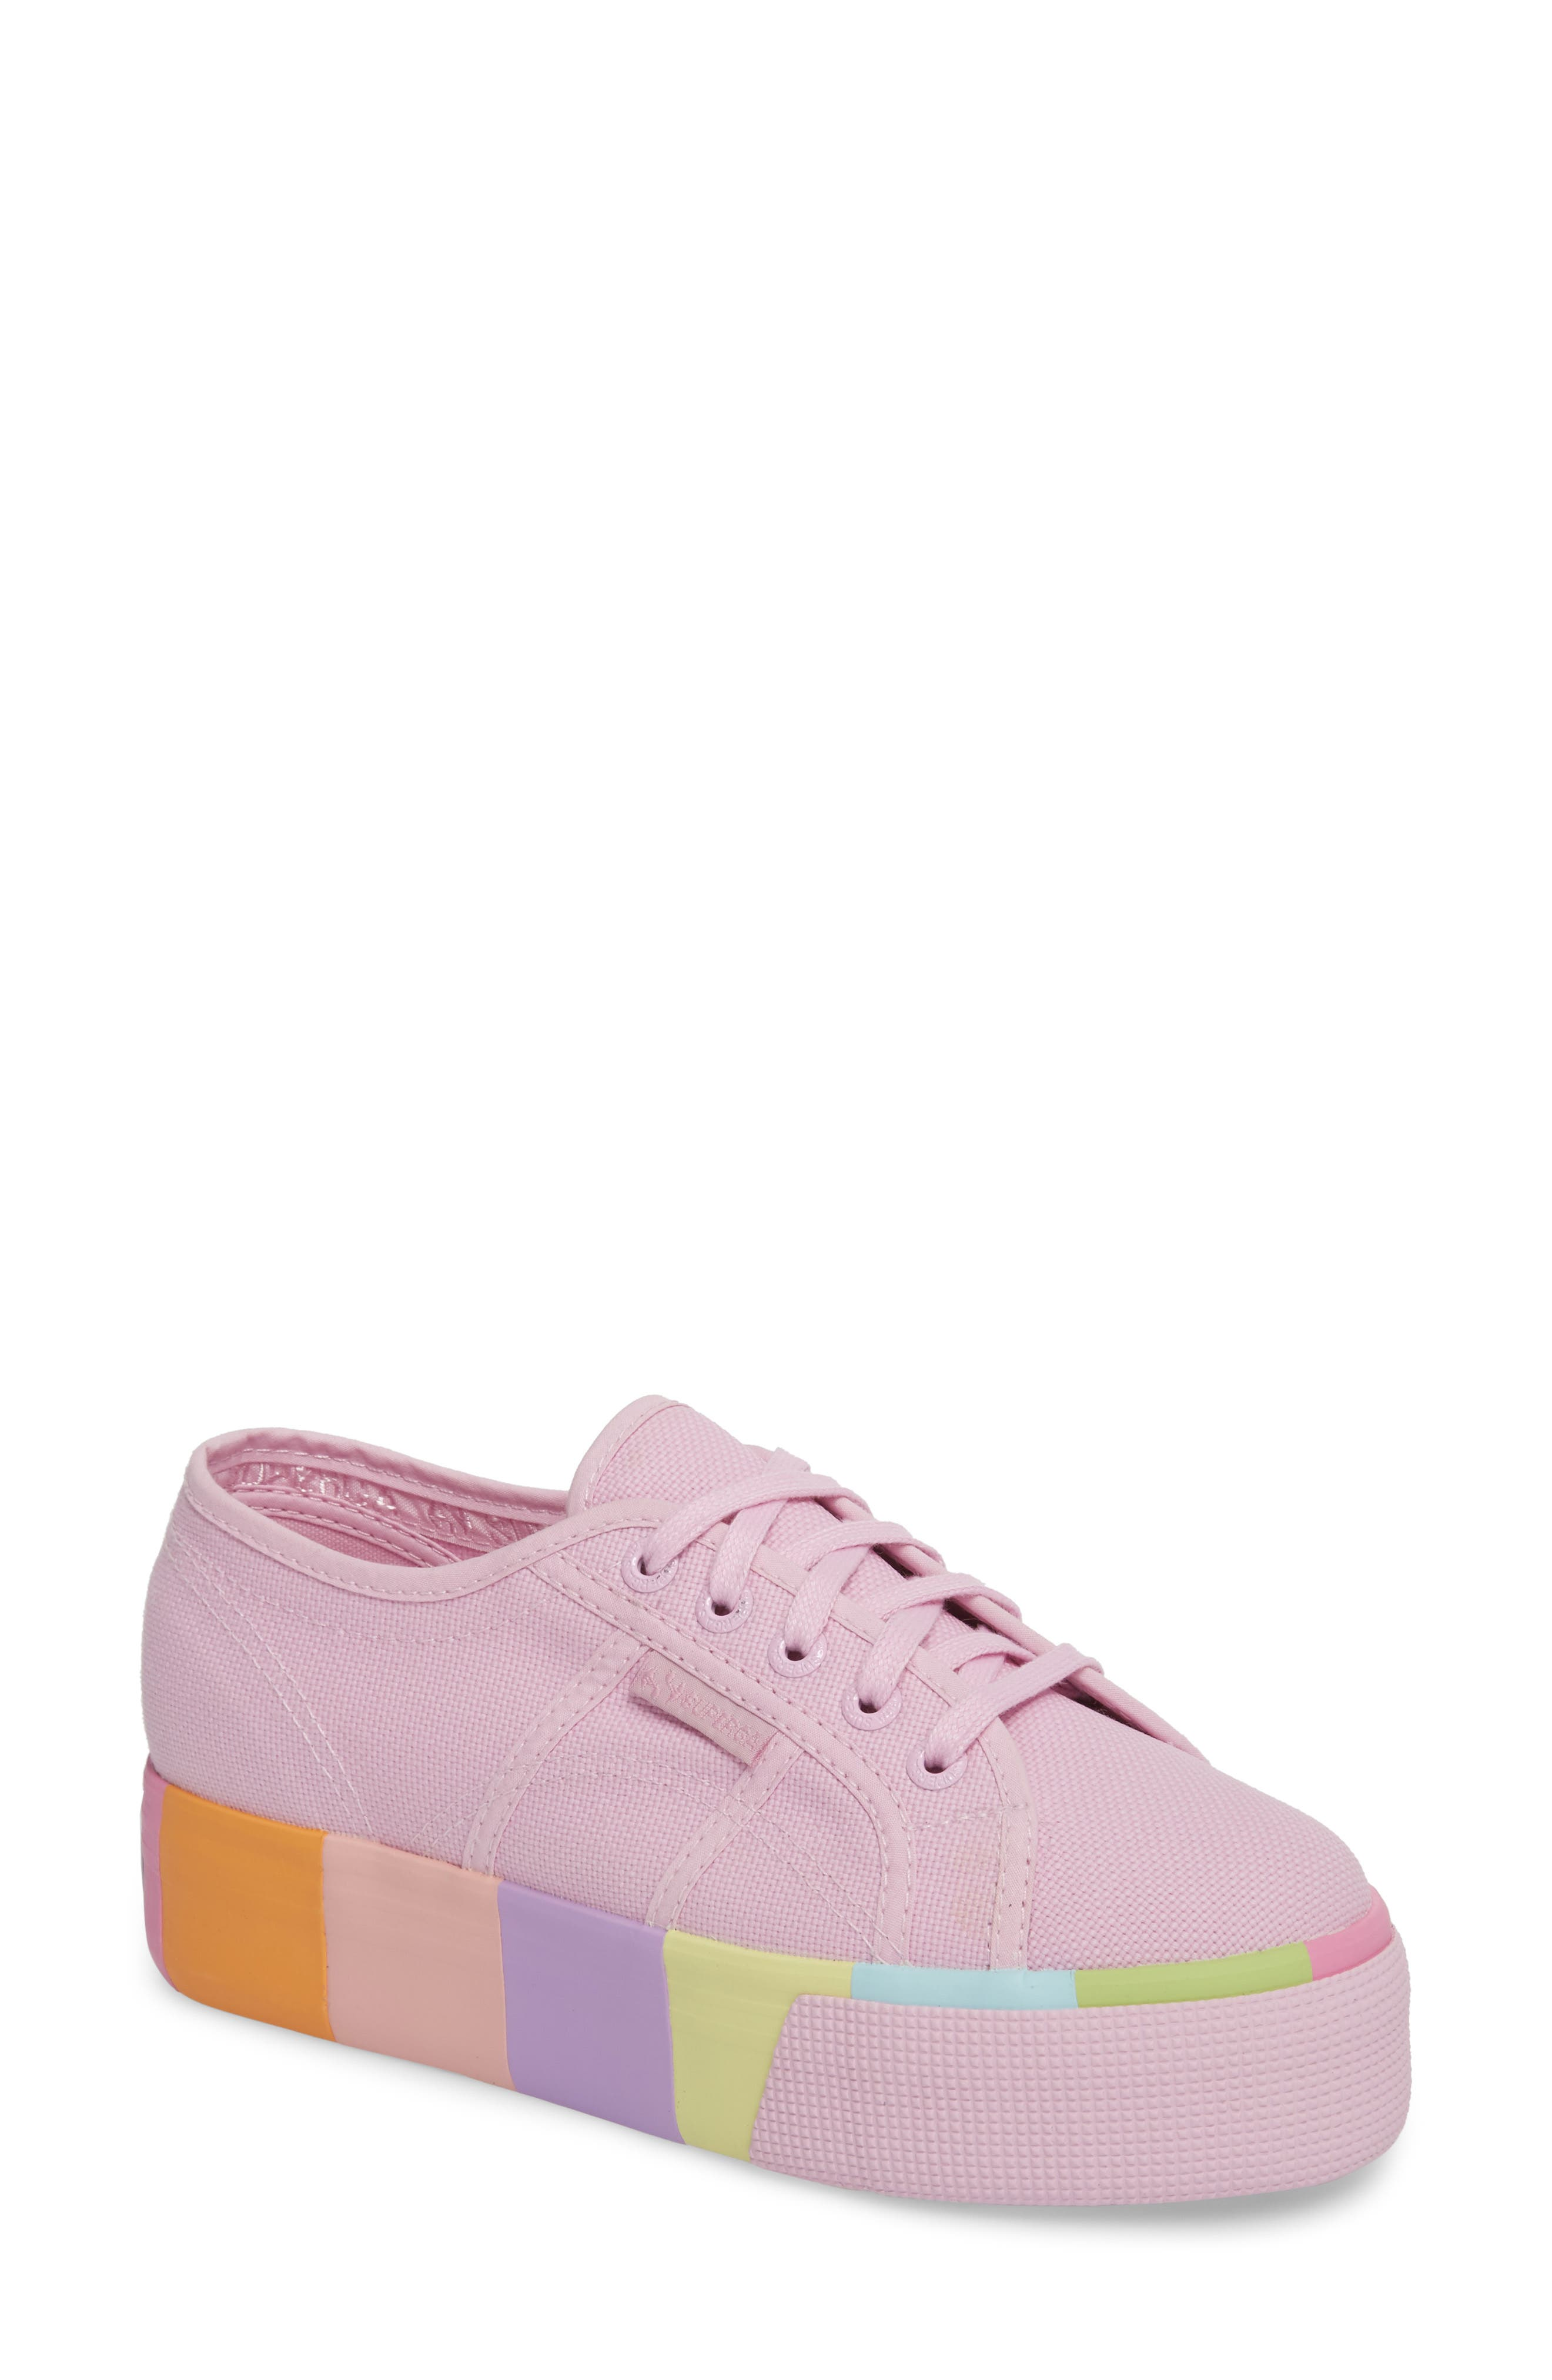 2790 Platform Sneaker,                         Main,                         color, Pink